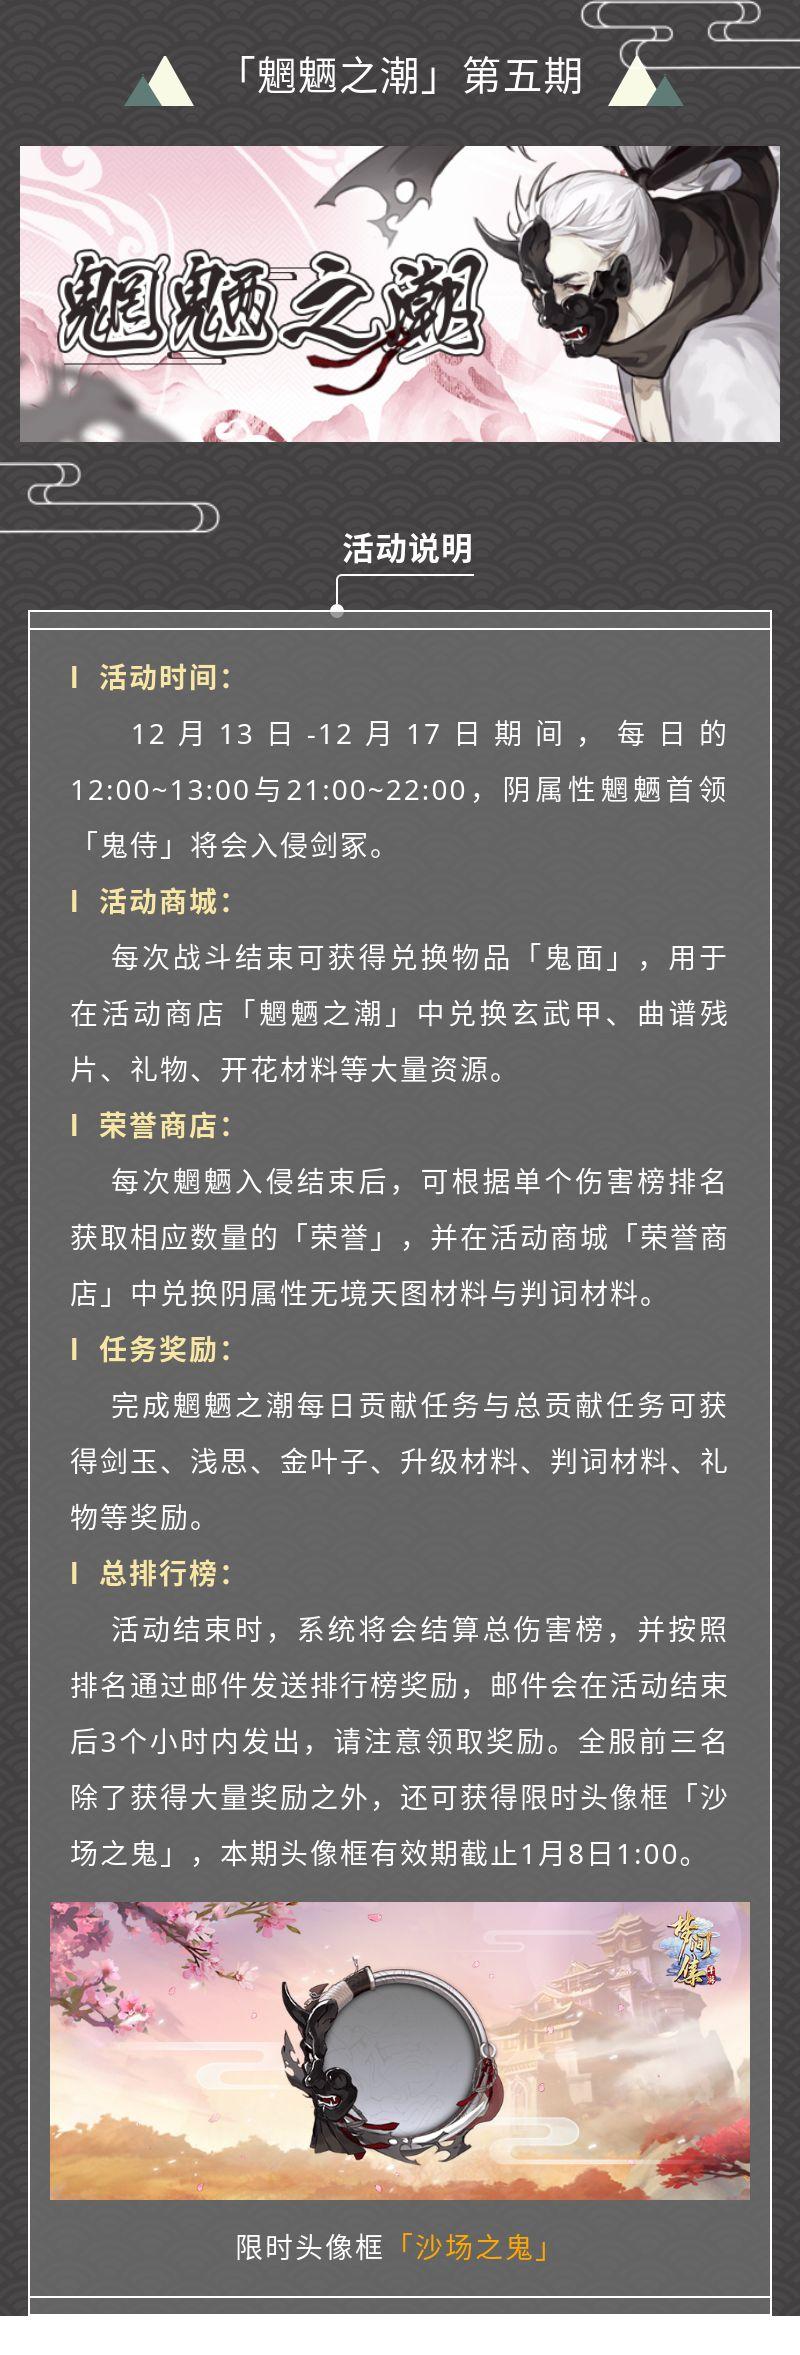 维护公告丨魍魉之潮第五期-20191211活动公告.jpg